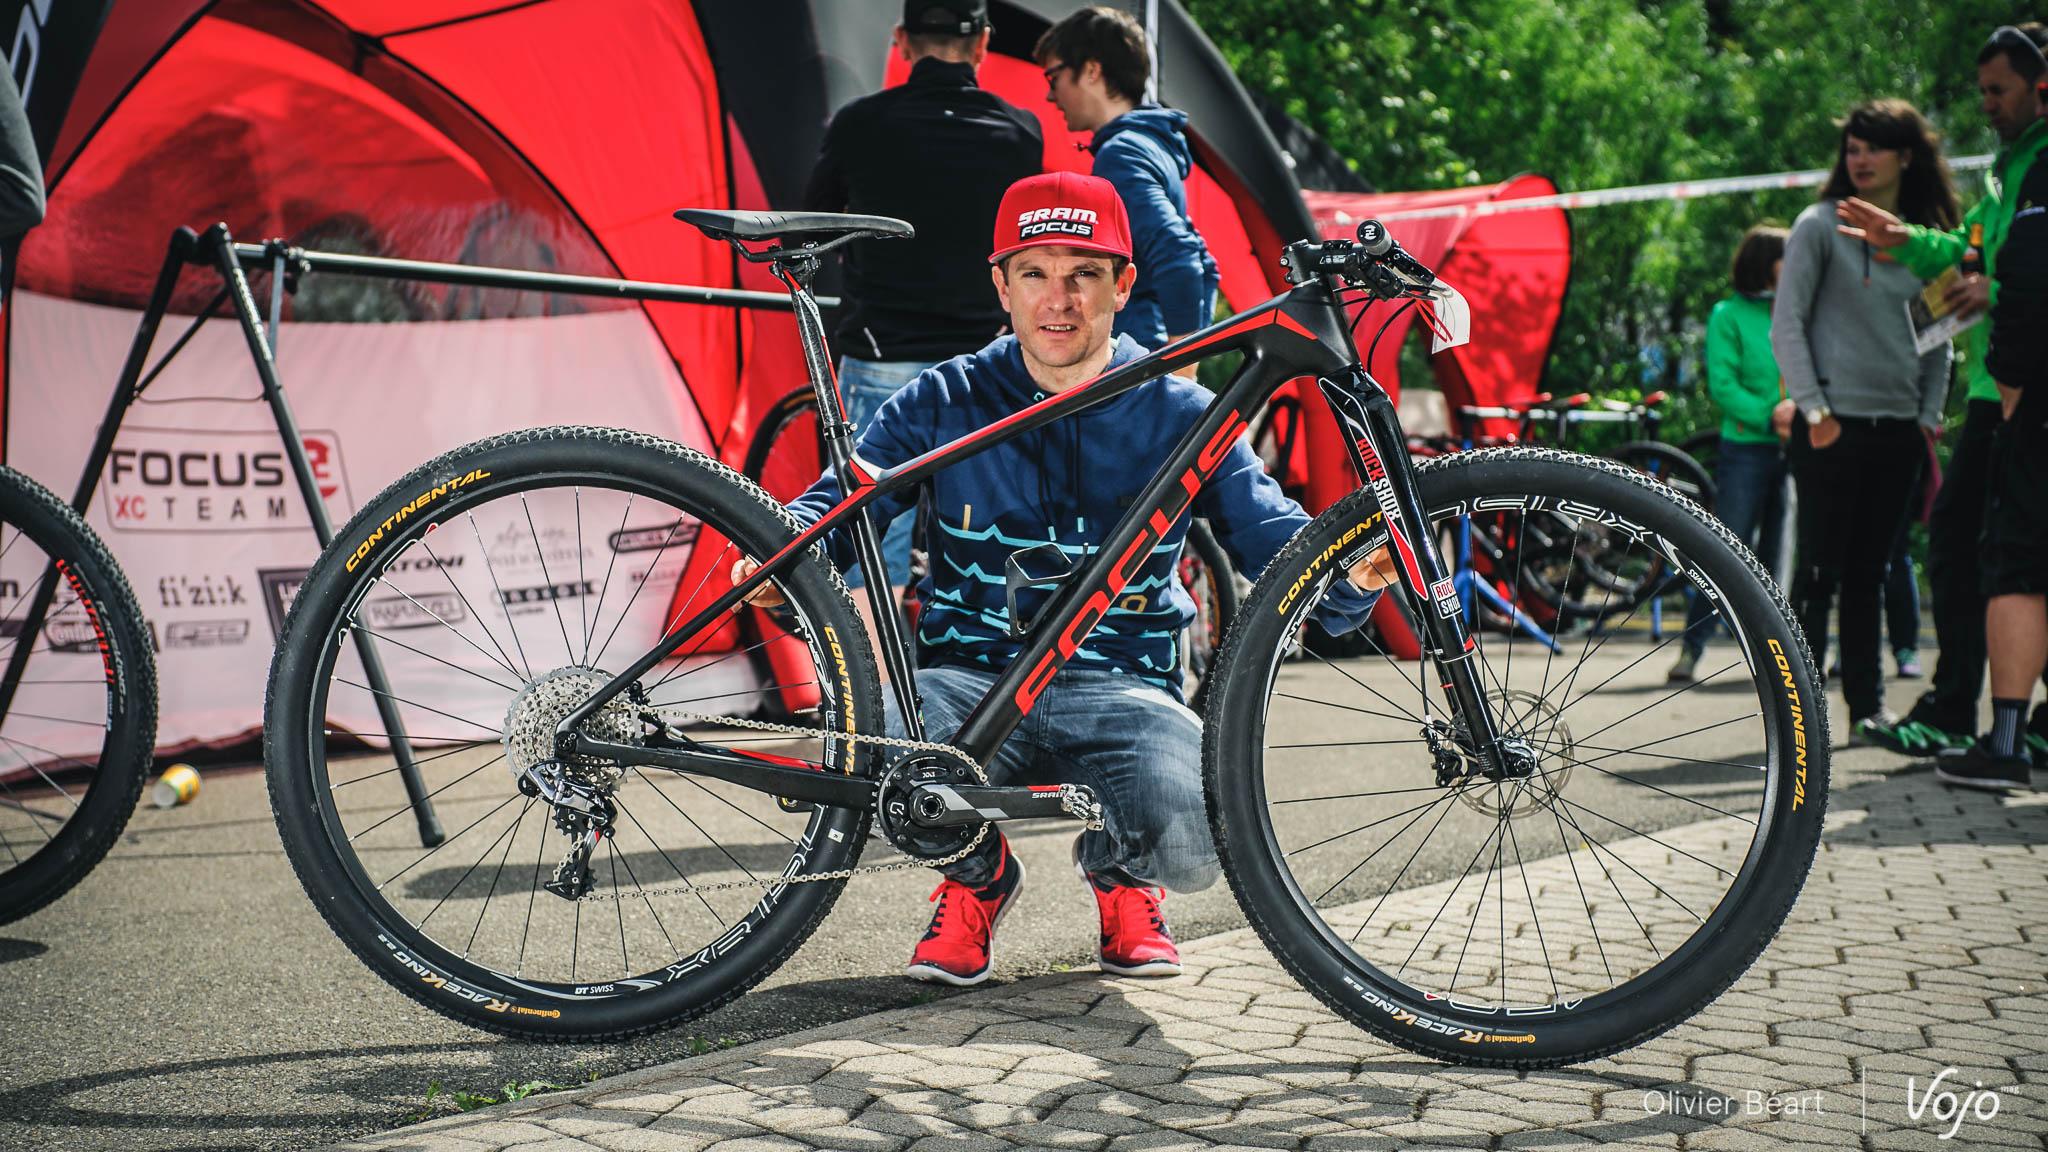 Focus_Raven_Max_Florian_Vogel_World_Cup_Bike_Copyright_OBeart_VojoMag-1